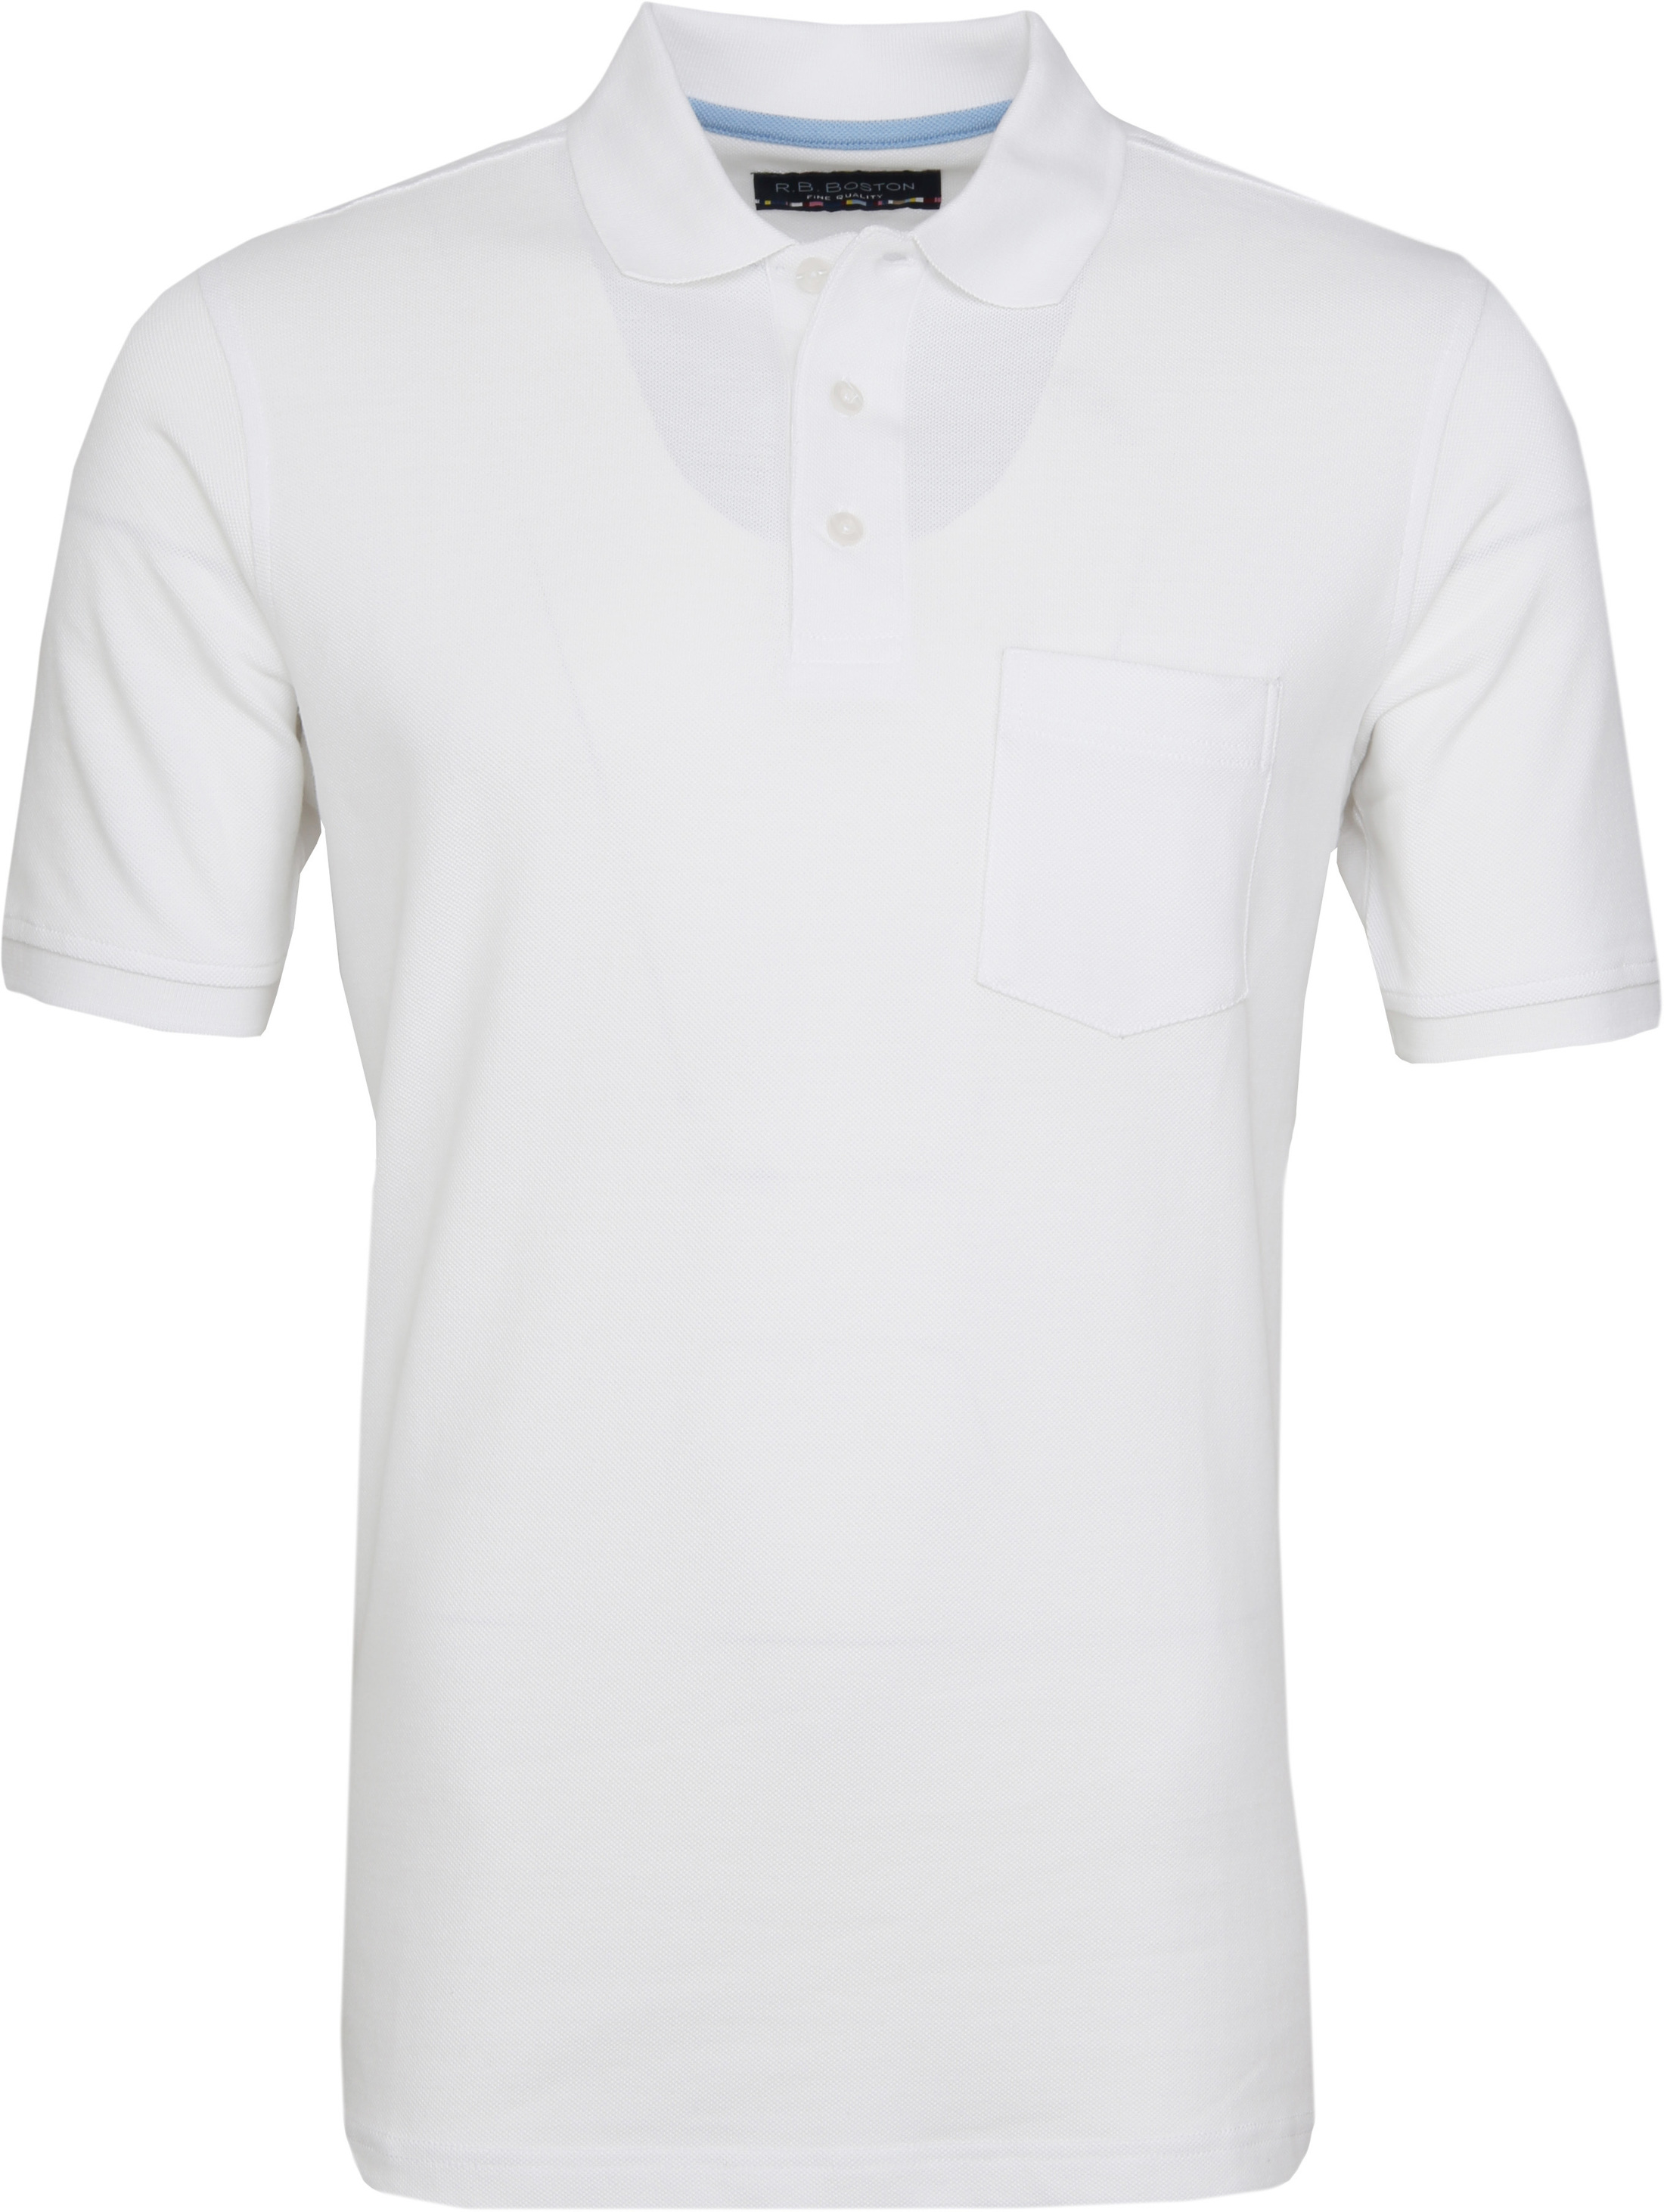 Suitable Polo Shirt Boston White